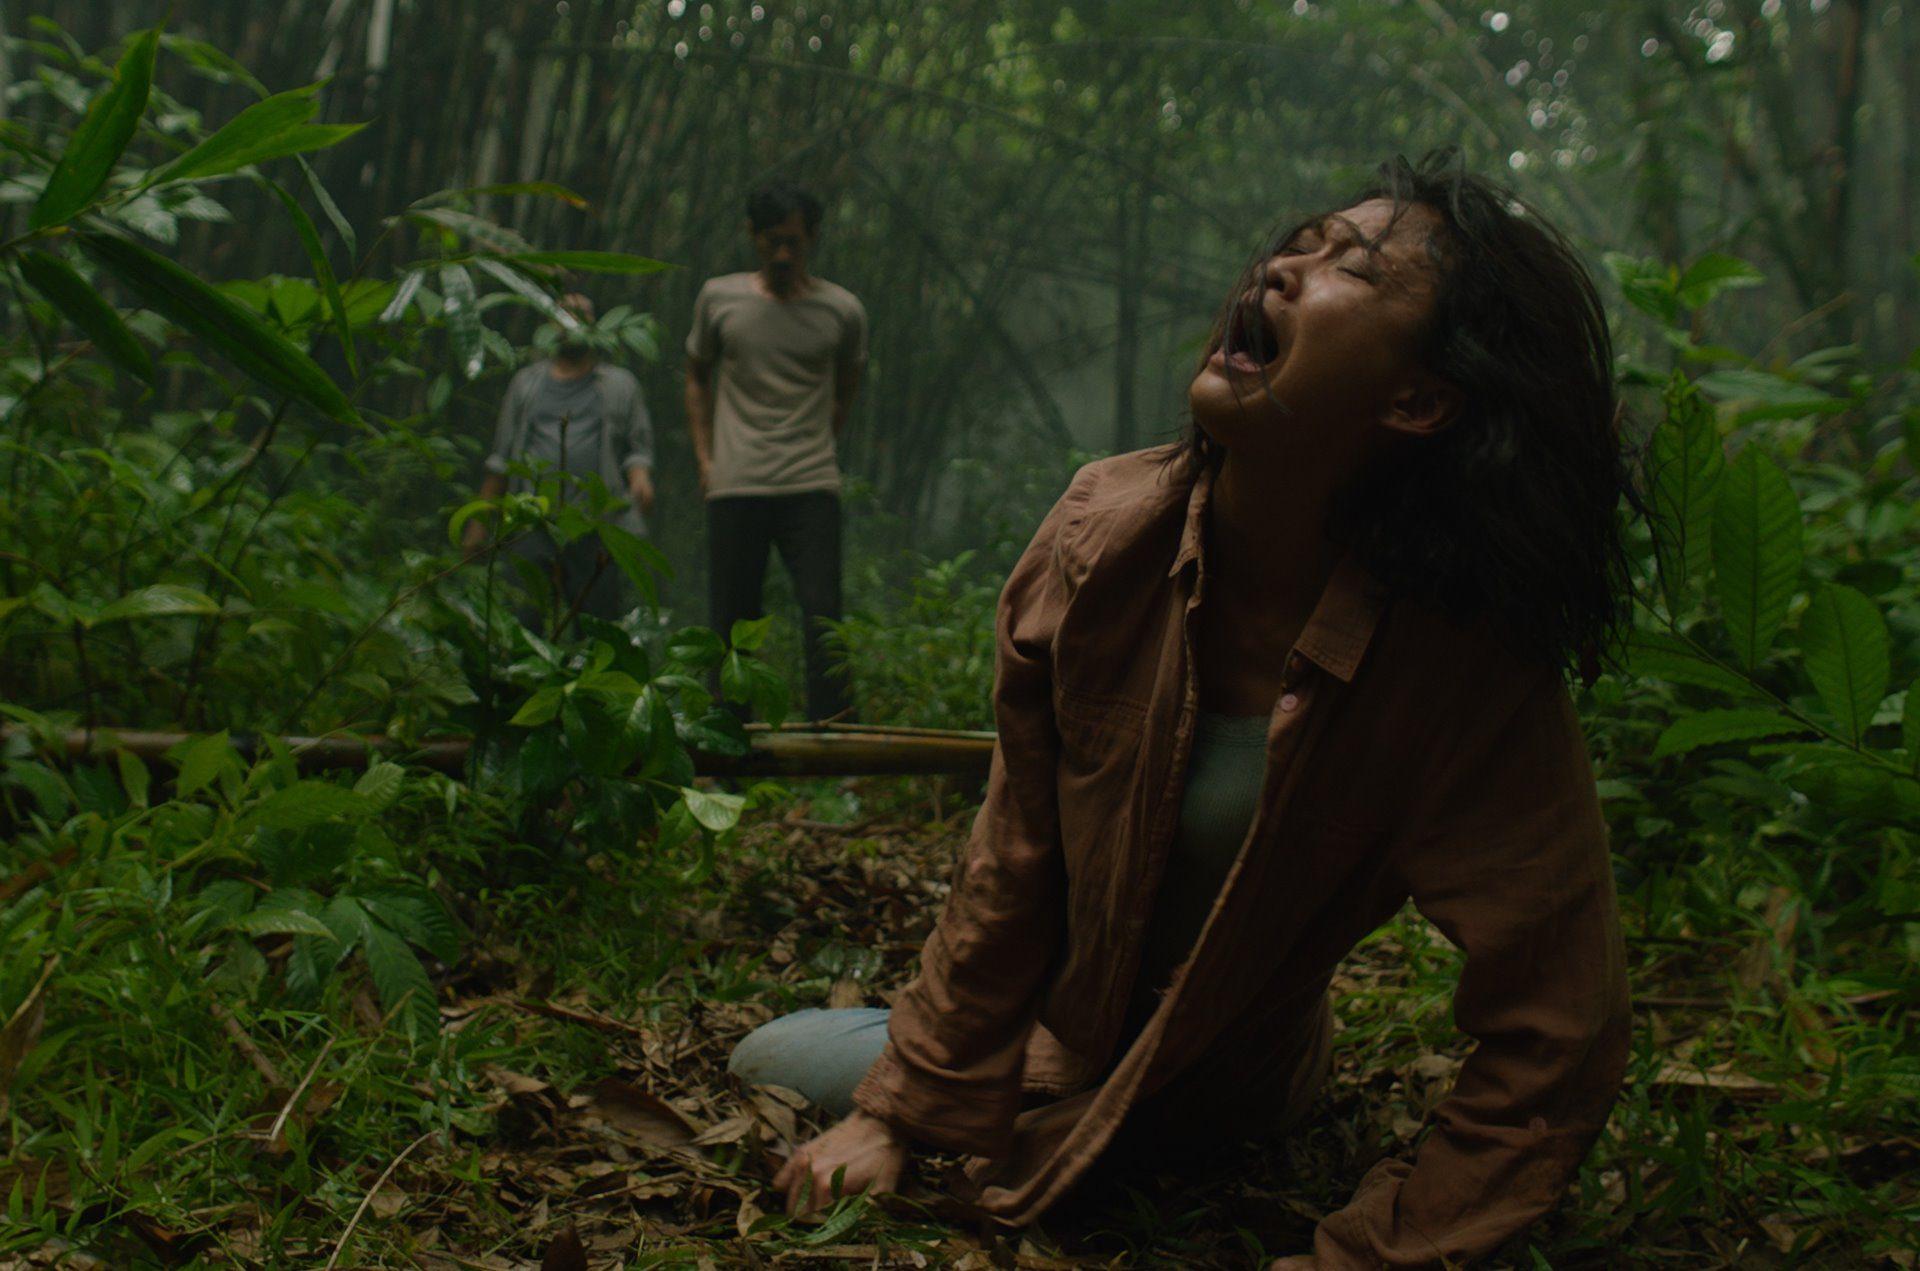 Impetigure, referente del cine de terror made in Indonesia